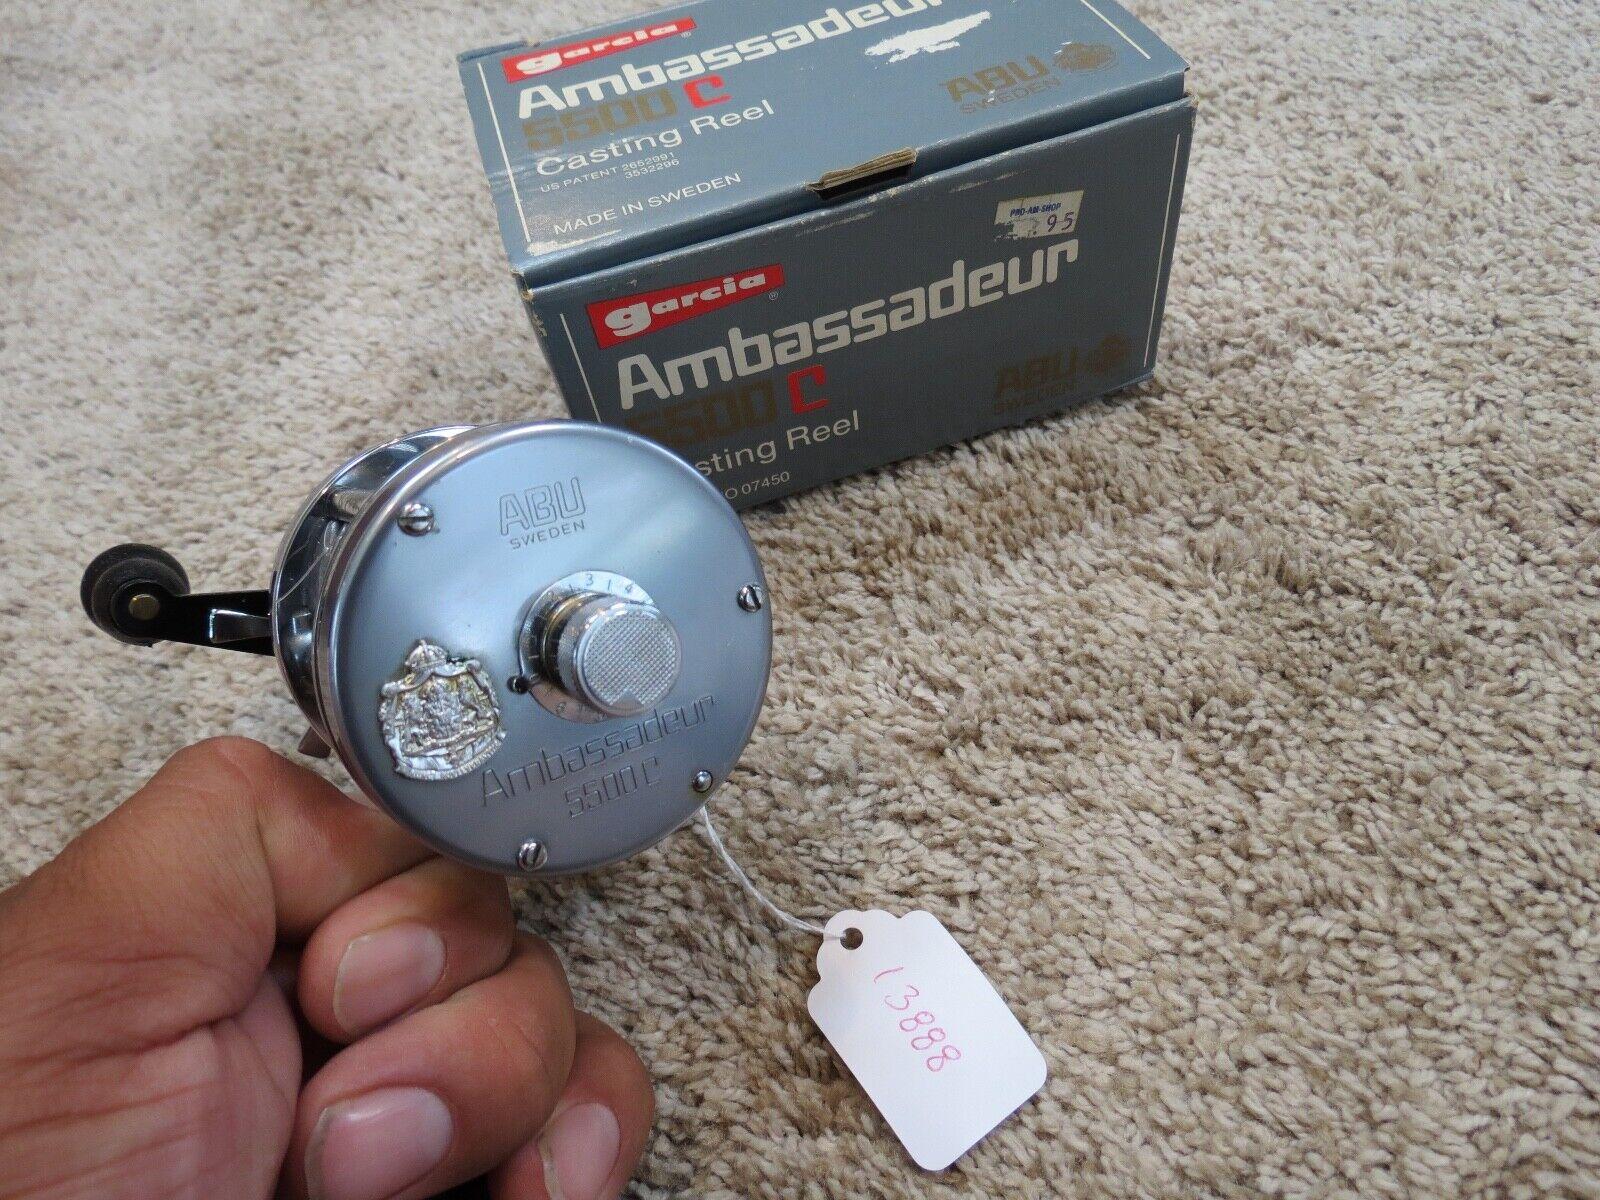 Ambassadeur 5500C High Speed fishing reel in box (lot#13888)